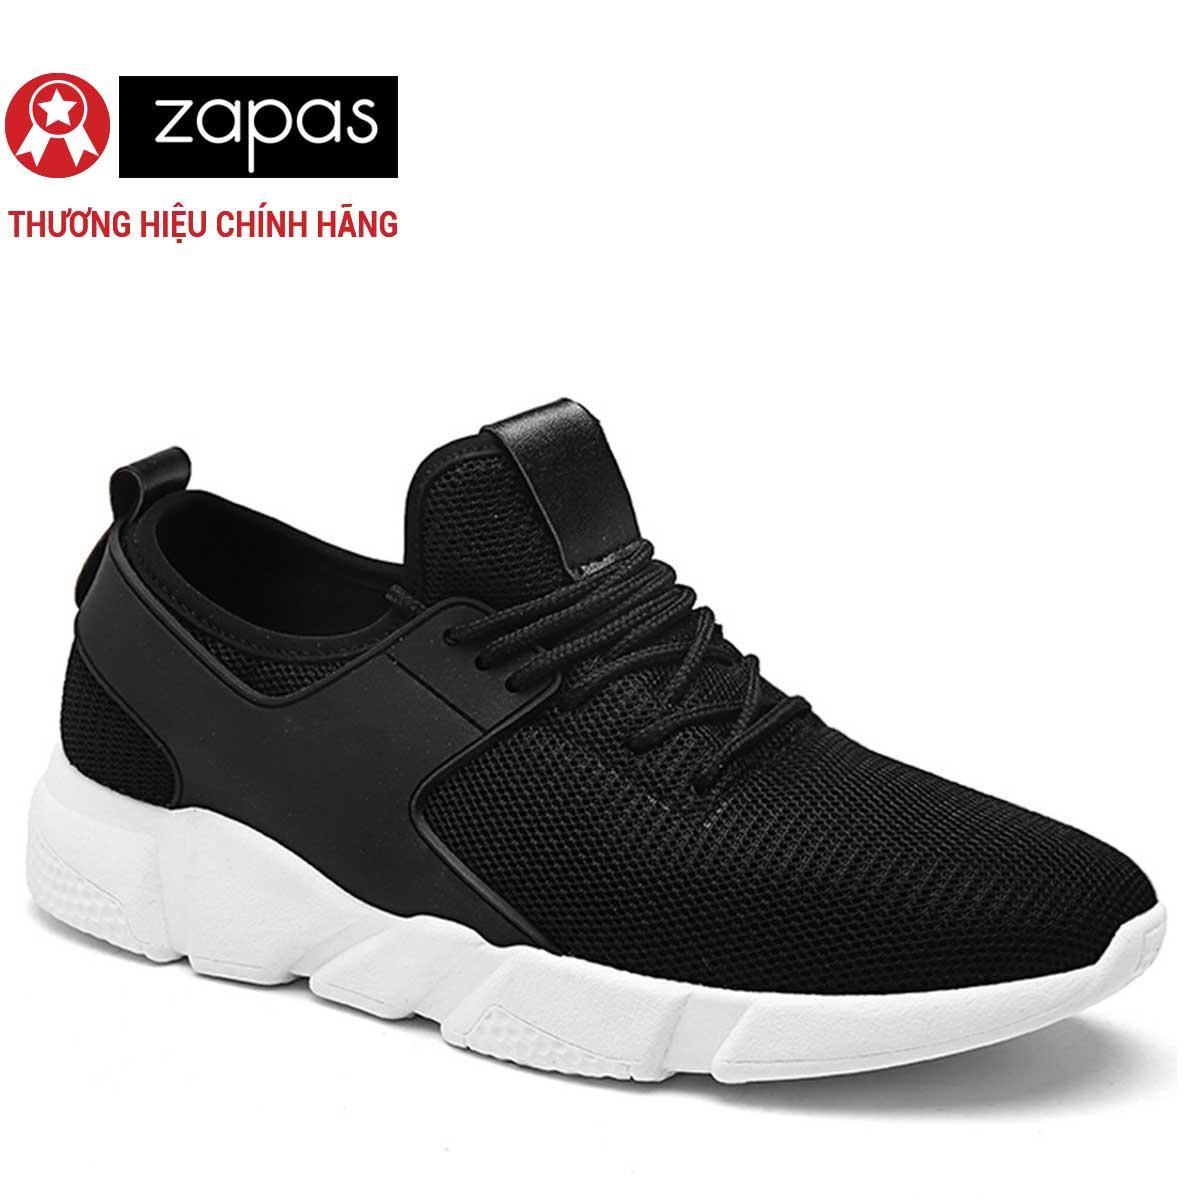 Giay Sneaker Nam Thời Trang Zapas Gs080 Đen Rẻ